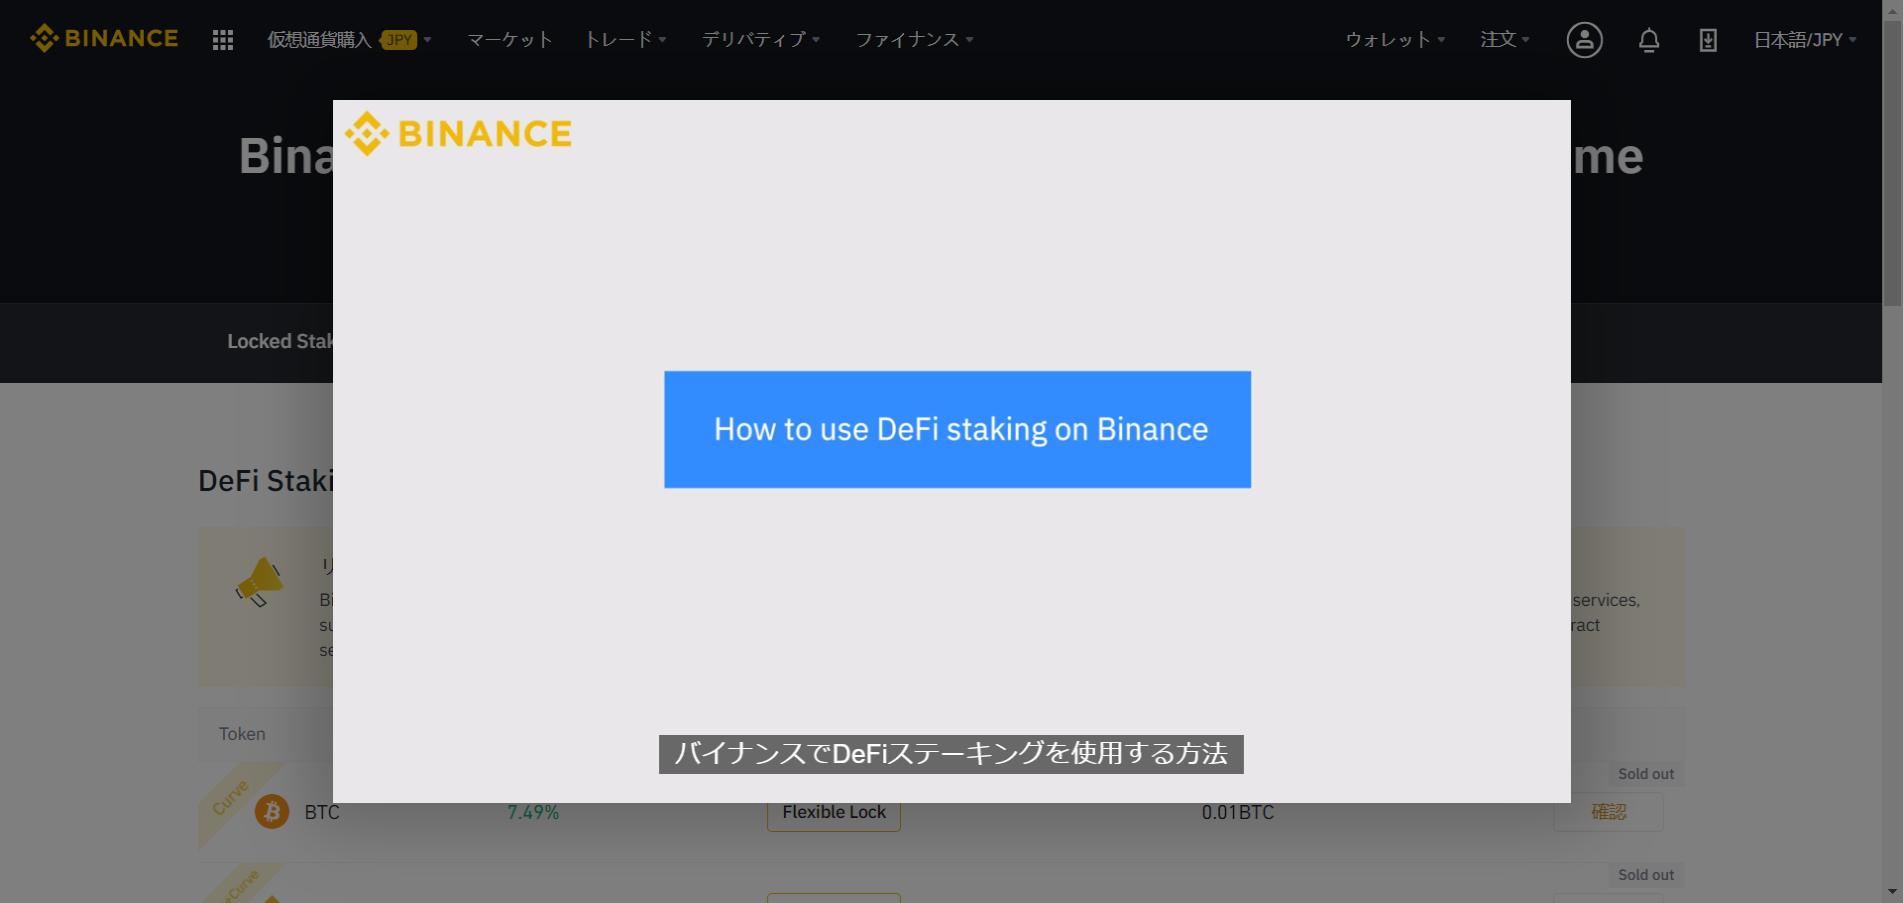 【BINANCE(バイナンス)】ステーキングの仕組み・やり方を分かりやすく解説!